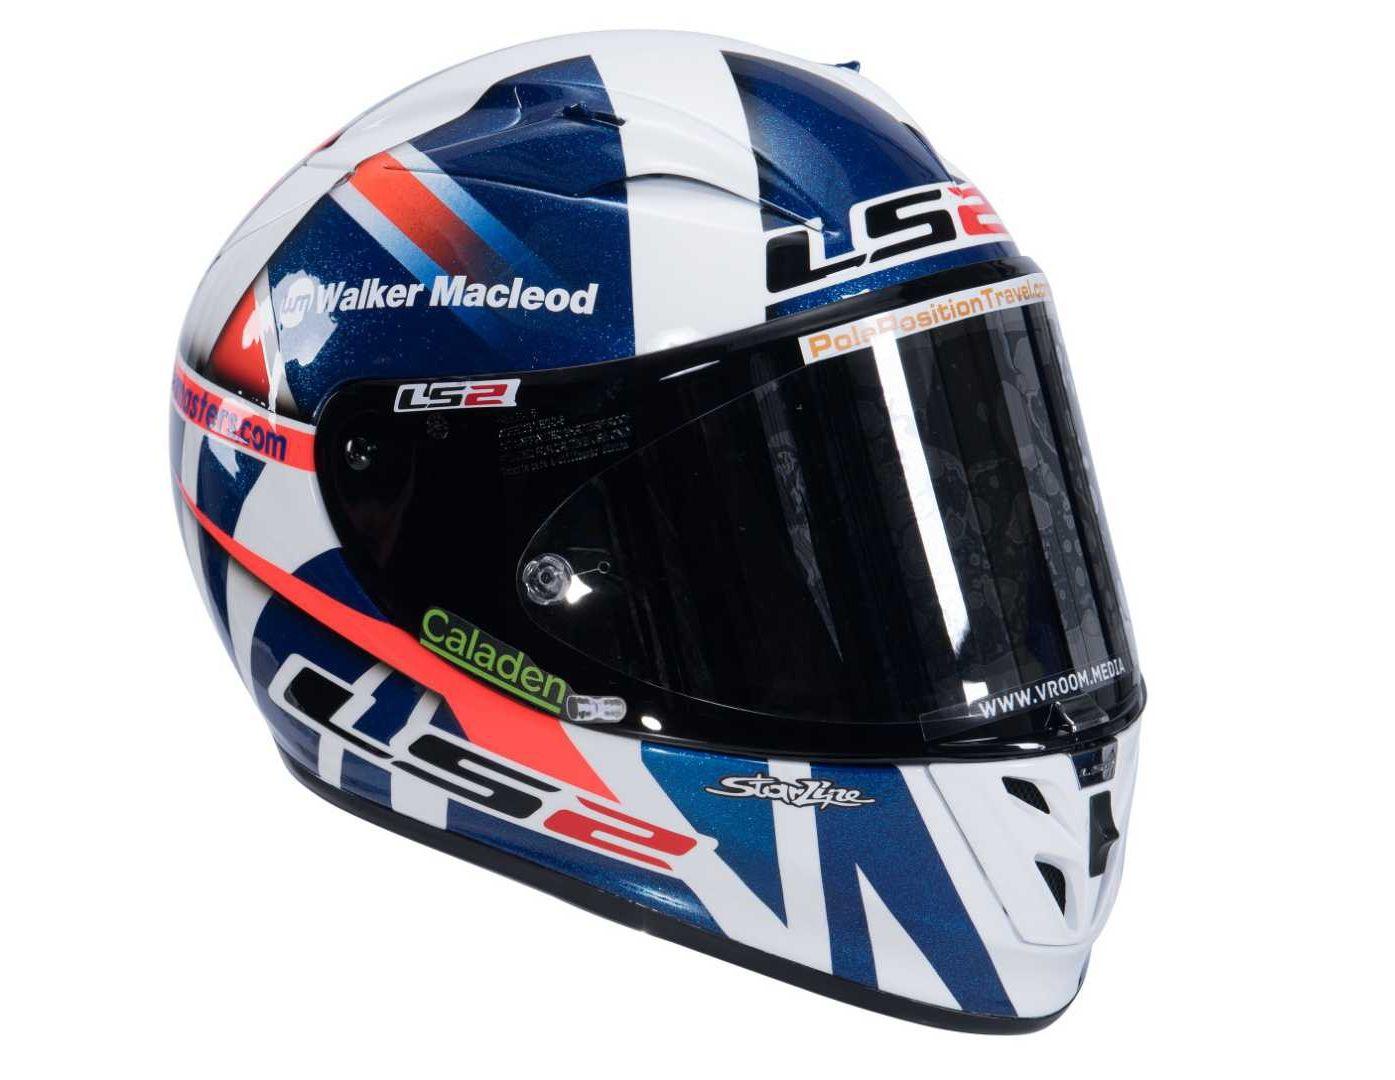 Ls2 Helmet Dealers Near Me